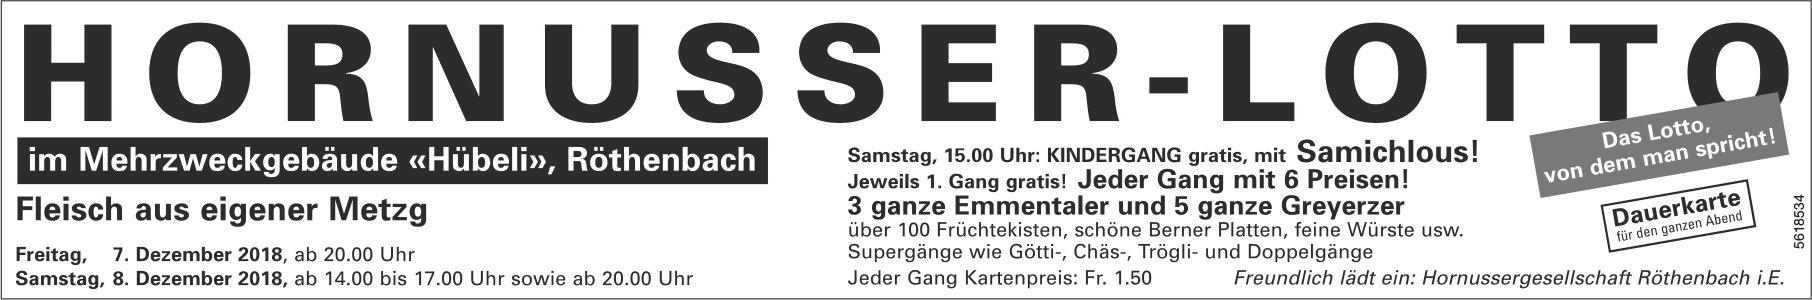 HORNUSSER-LOTTO im Mehrzweckgebäude «Hübeli», Röthenbach, 7. + 8. Dezember